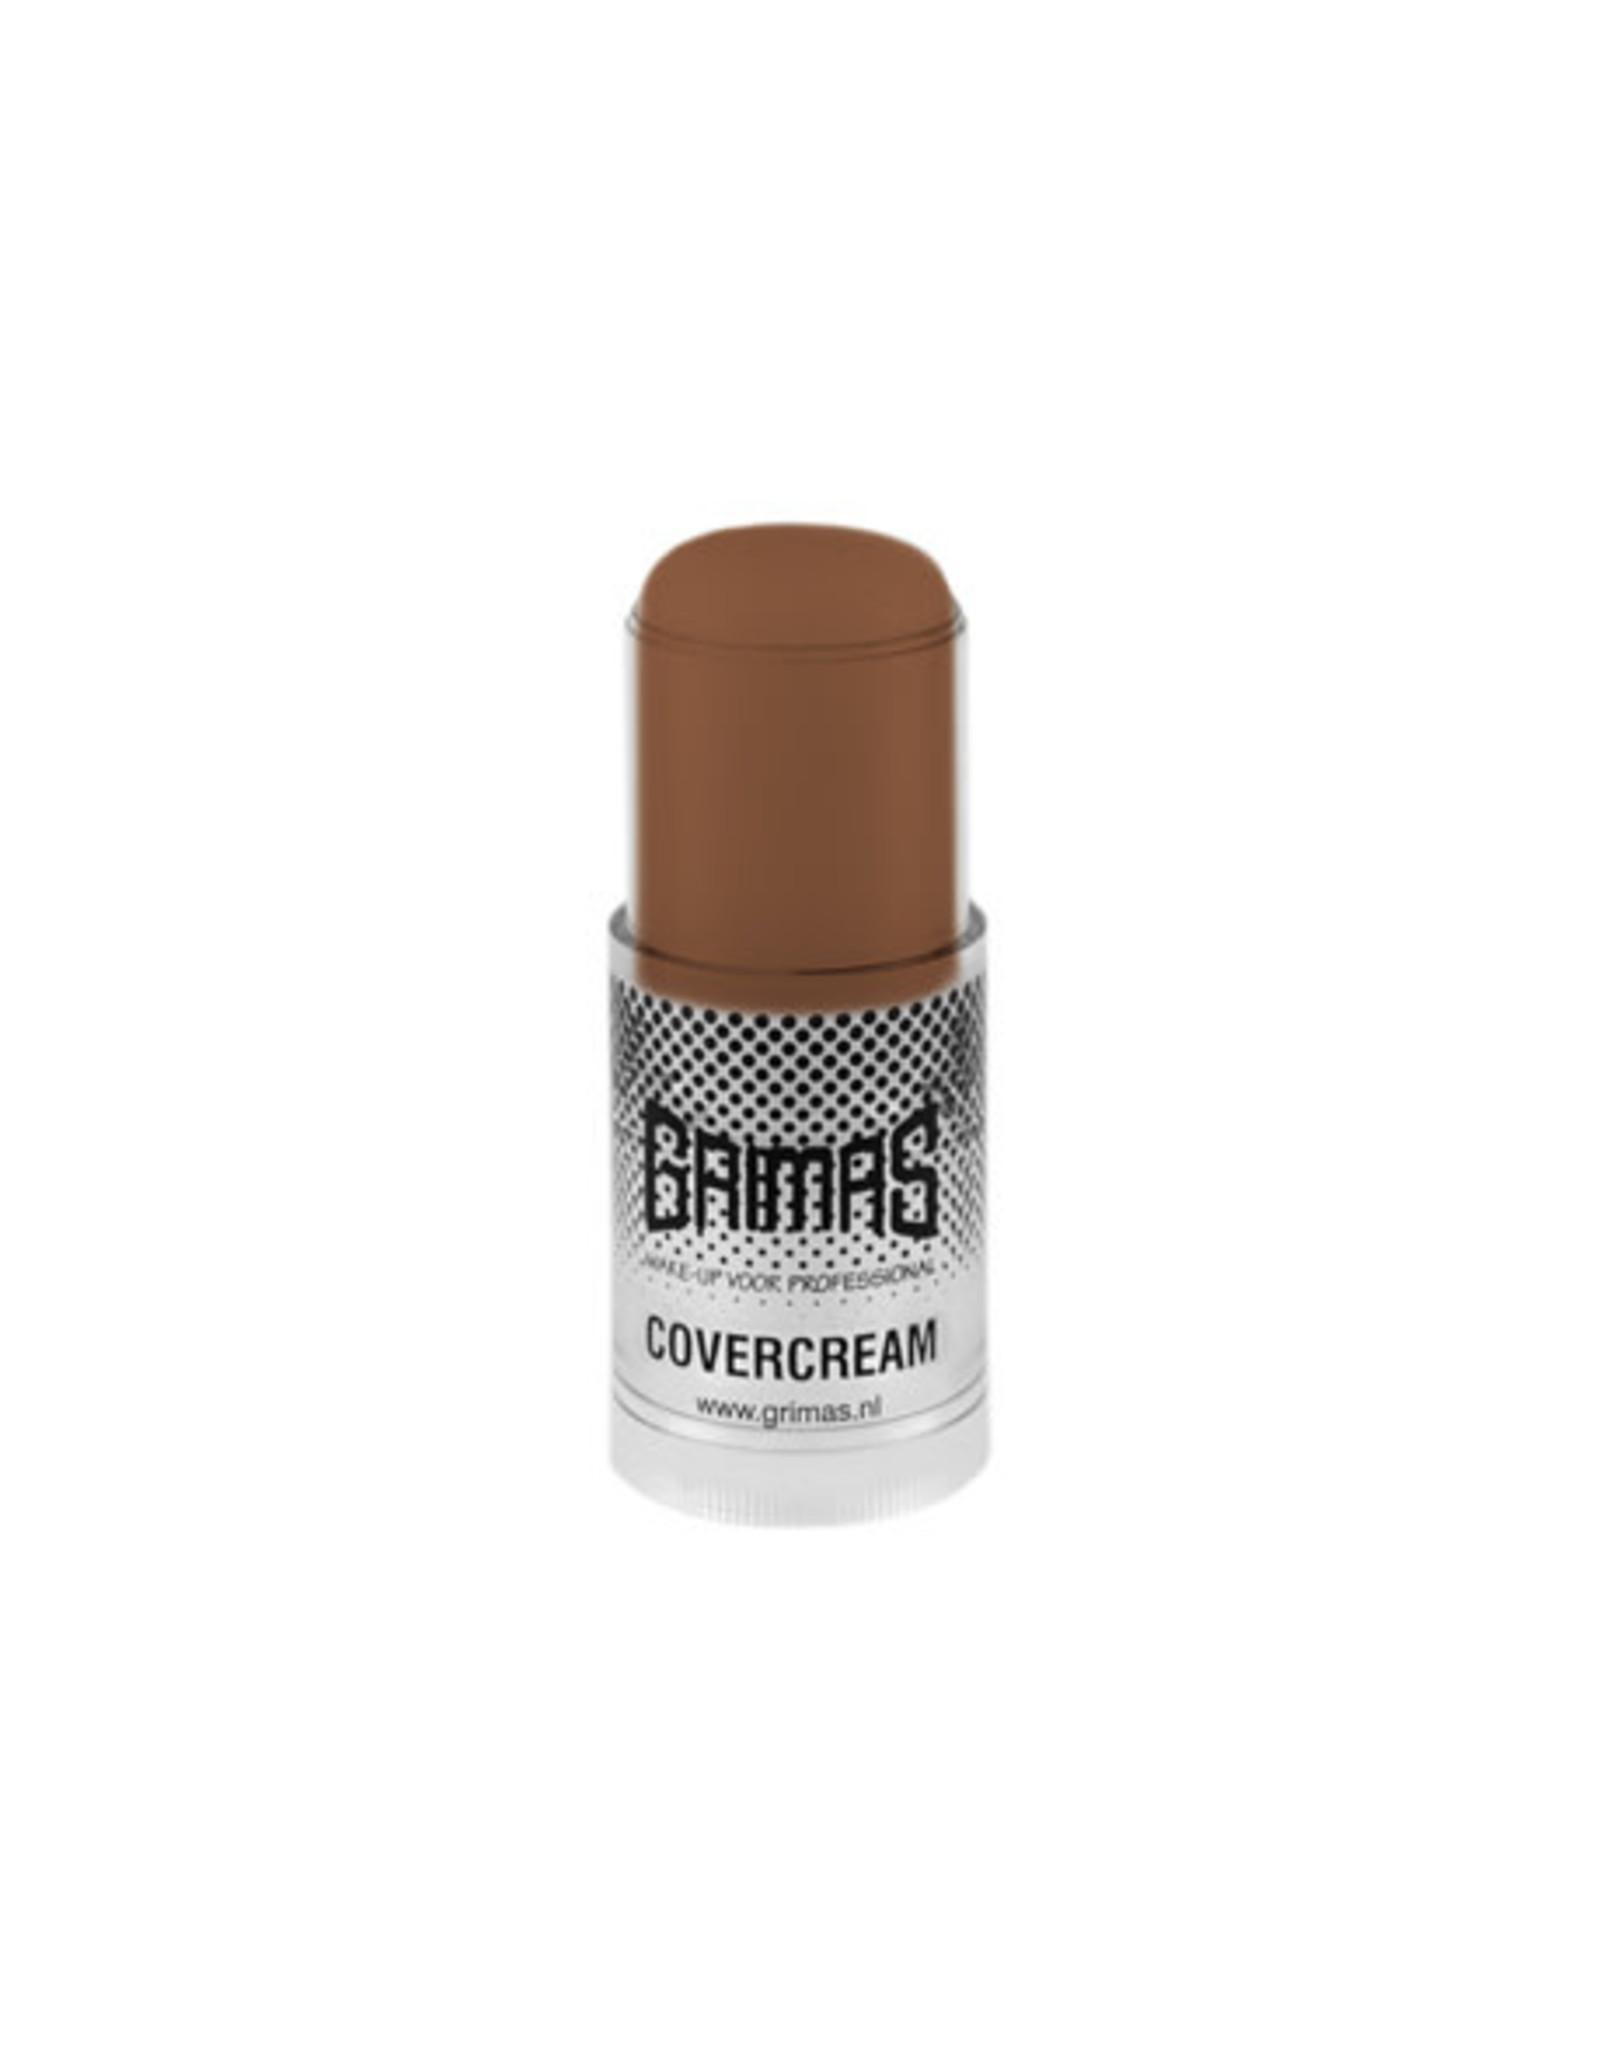 Grimas COVERCREAM PURE DE   23 ml